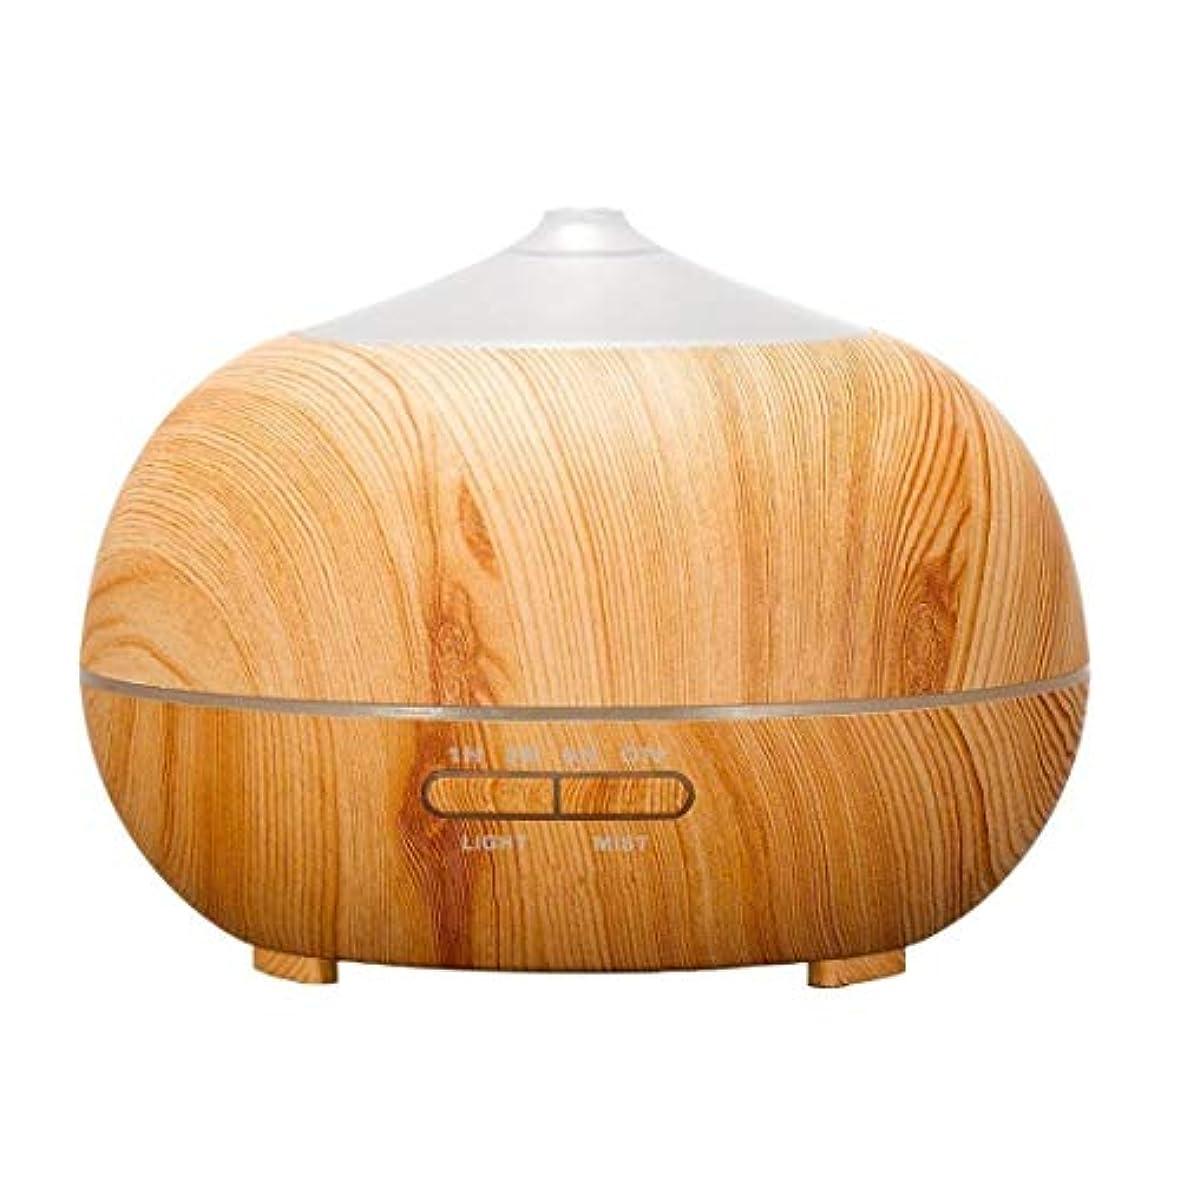 部密度真面目なオフィスホームベッドルーム用超音波空気加湿器-アロマディフューザー-エッセンシャルオイルディフューザー-快適に眠り、職場を簡単に制御できる超静音